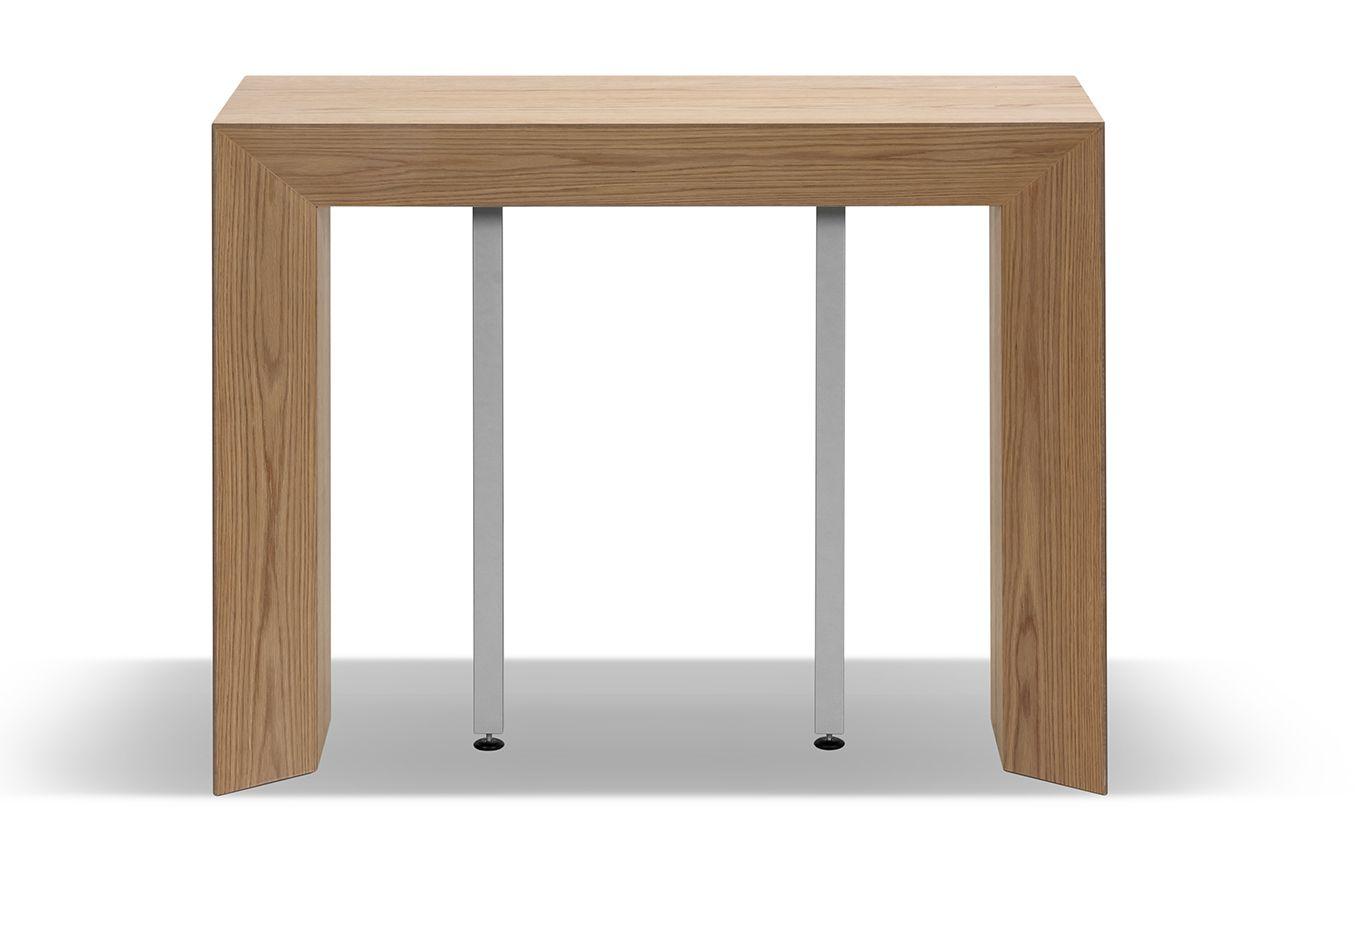 Découvrez les caractéristiques de la table console LUCIE qui s